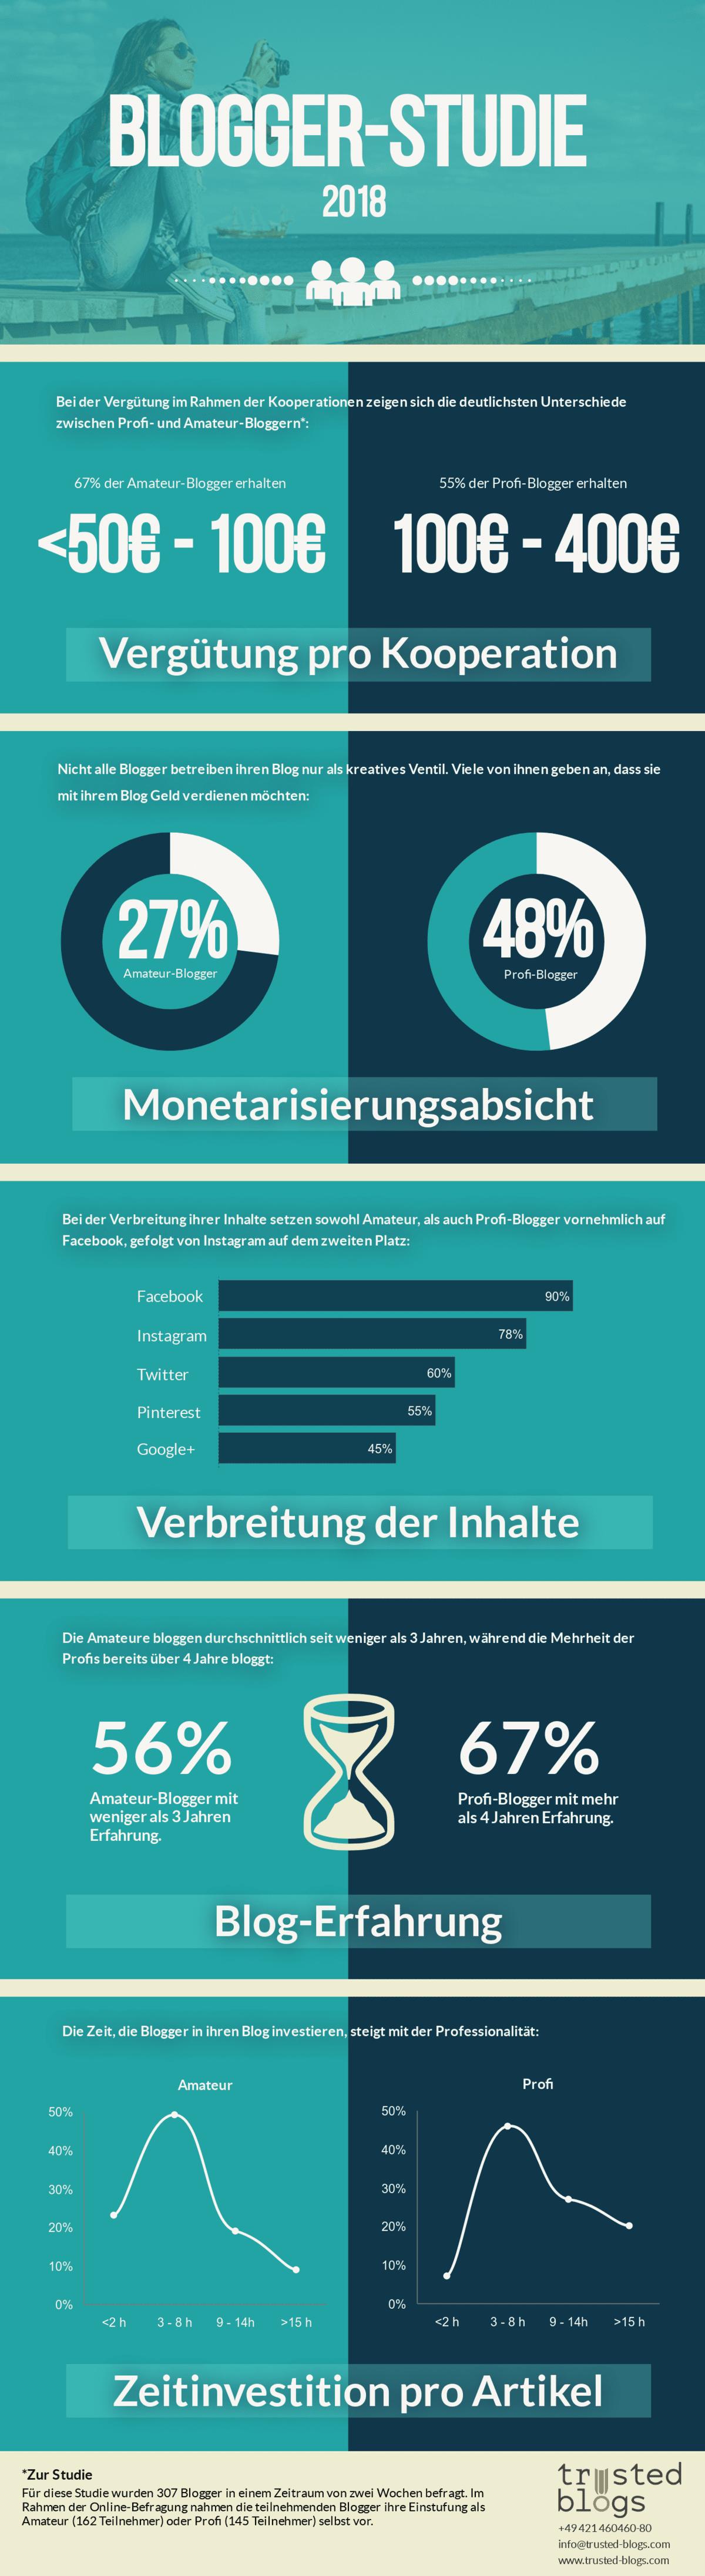 Infografik Blogger-Studie